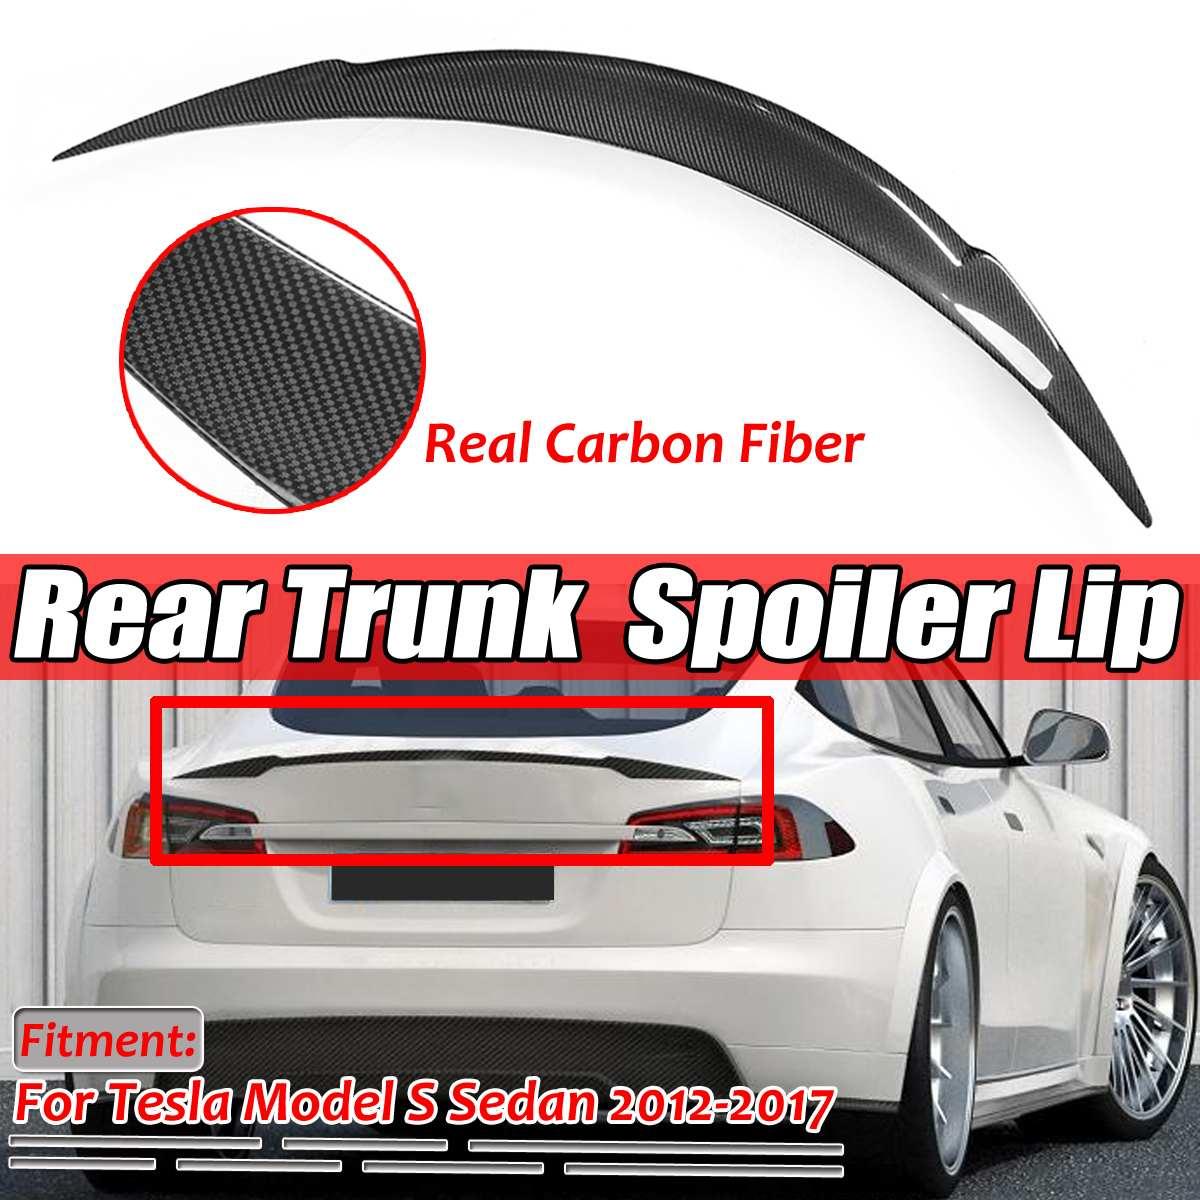 ใหม่คาร์บอนไฟเบอร์รถยนต์ด้านหลัง BOOT Lip Spoiler Wing Lip ใหญ่สำหรับ Tesla รุ่น S ซีดาน 2012- 2019 สปอยเลอร์